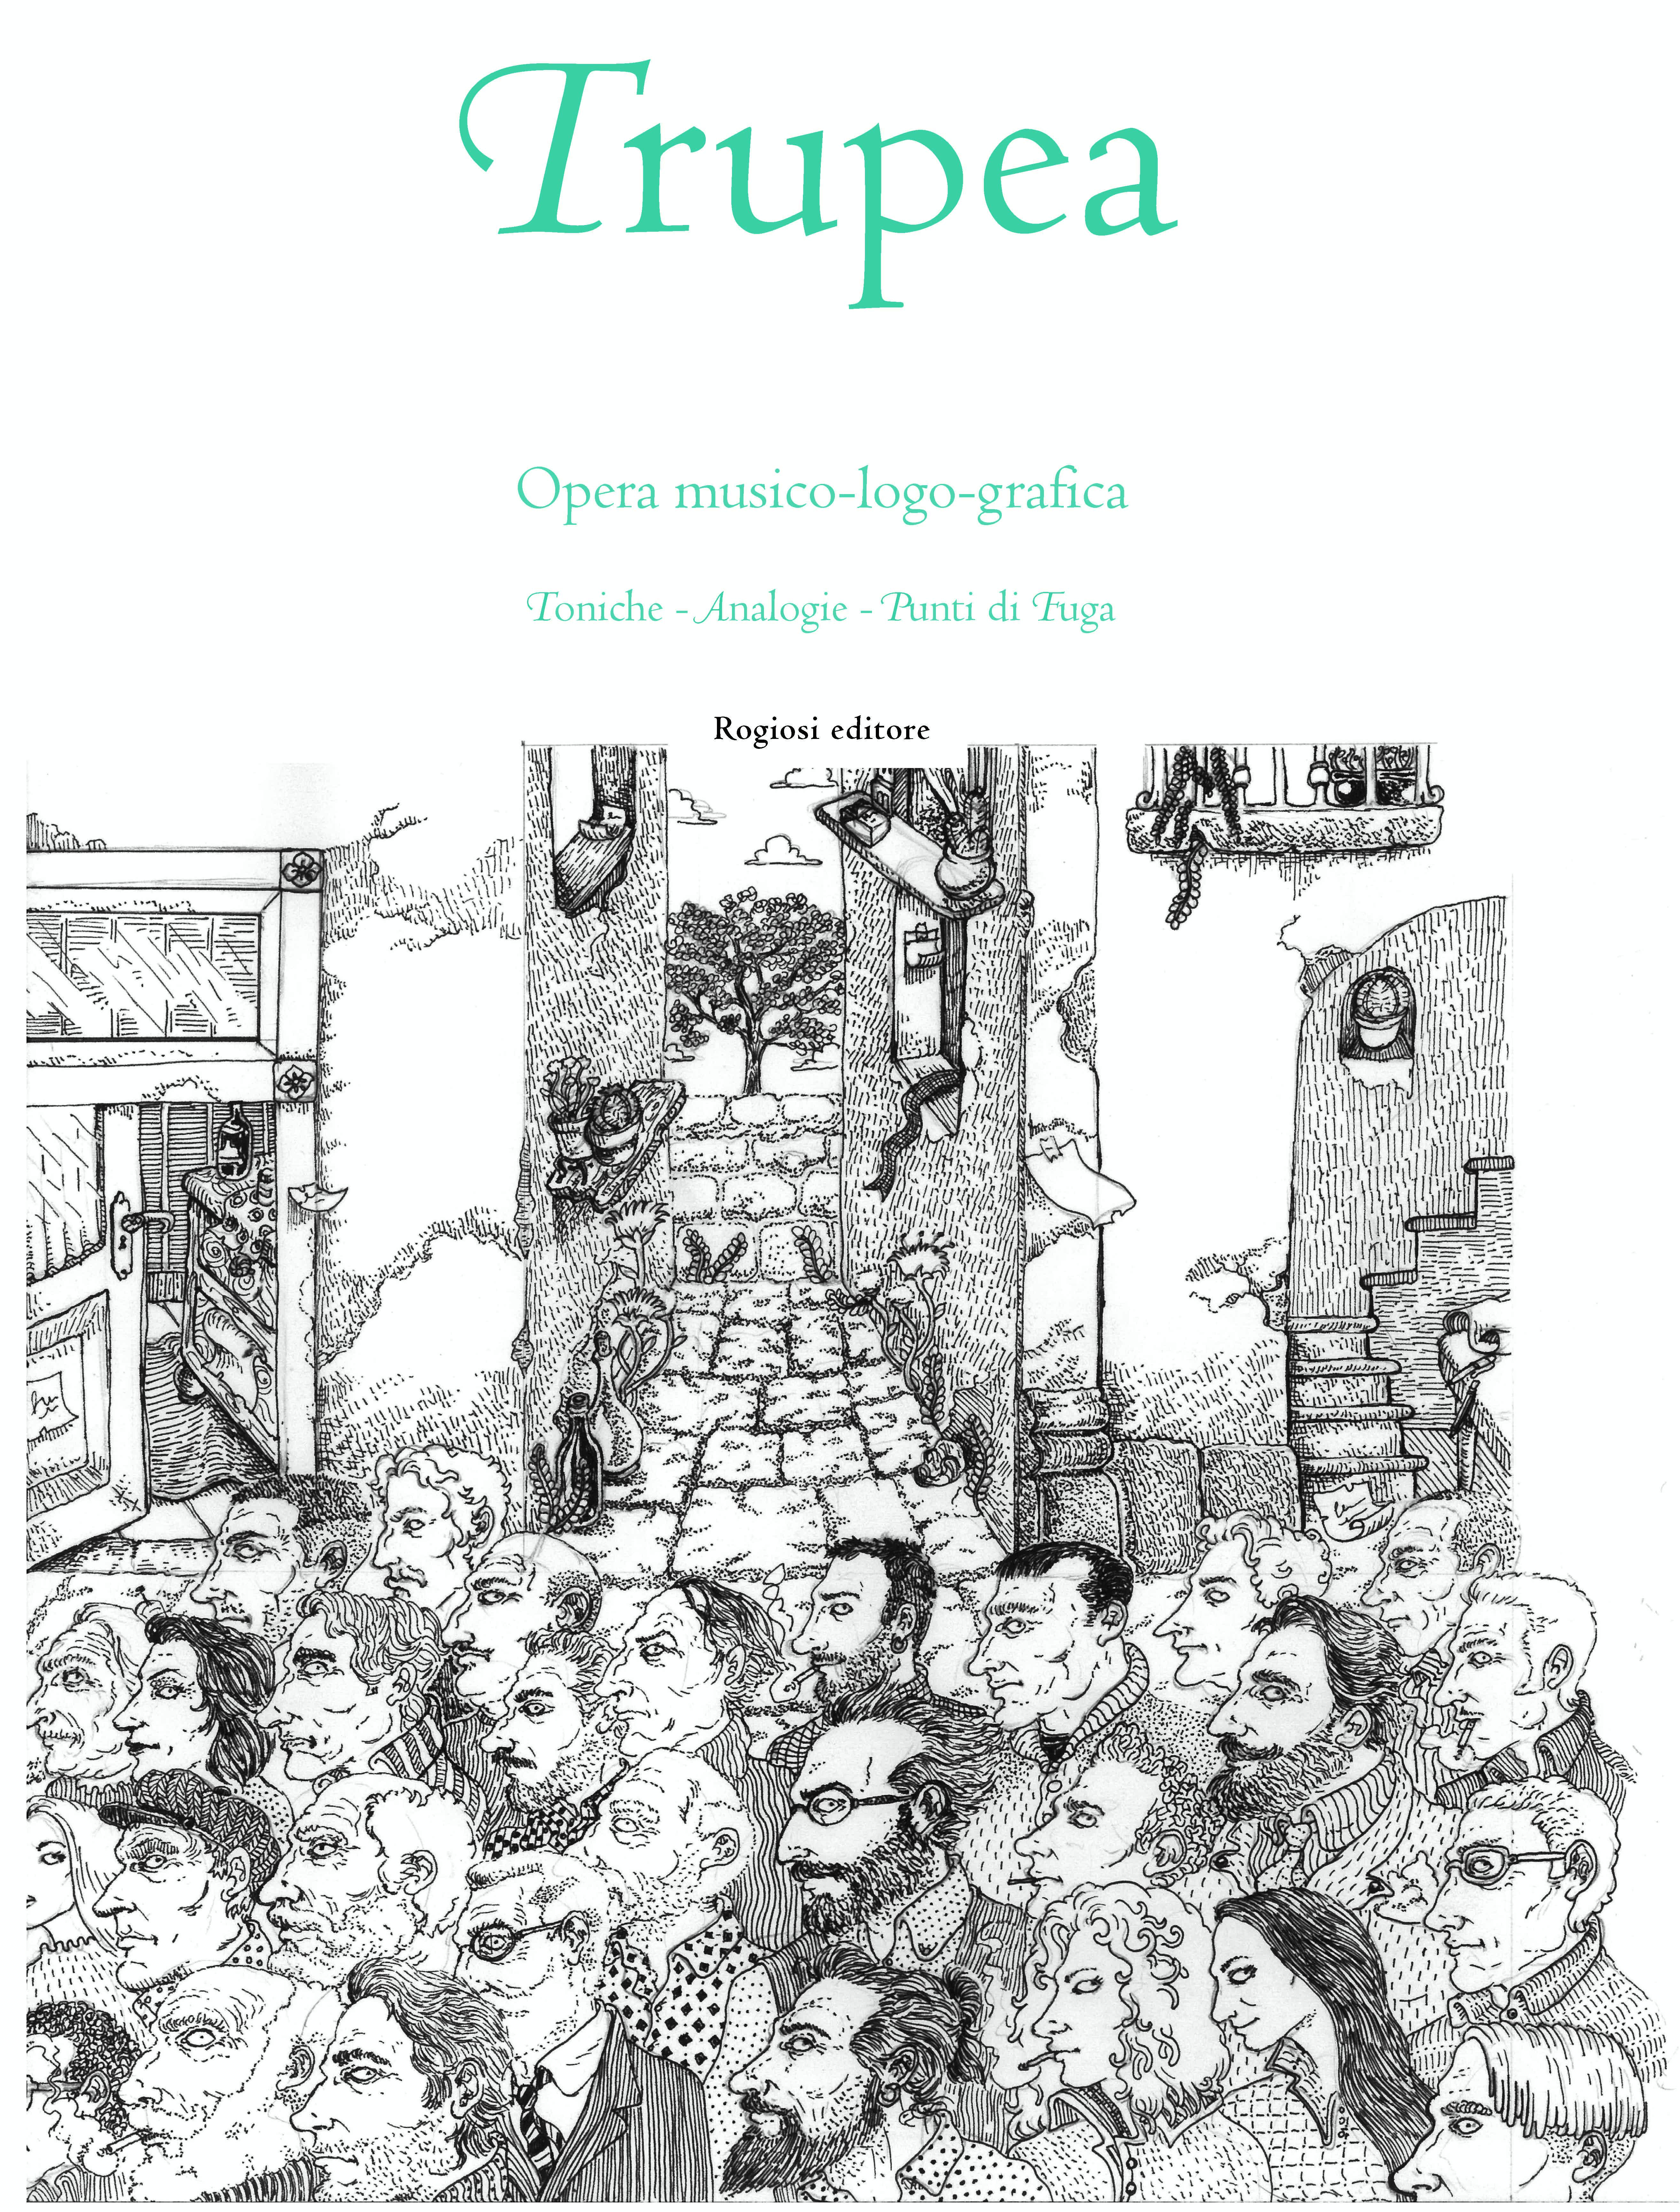 Trupea - Opera musico - logo - grafica